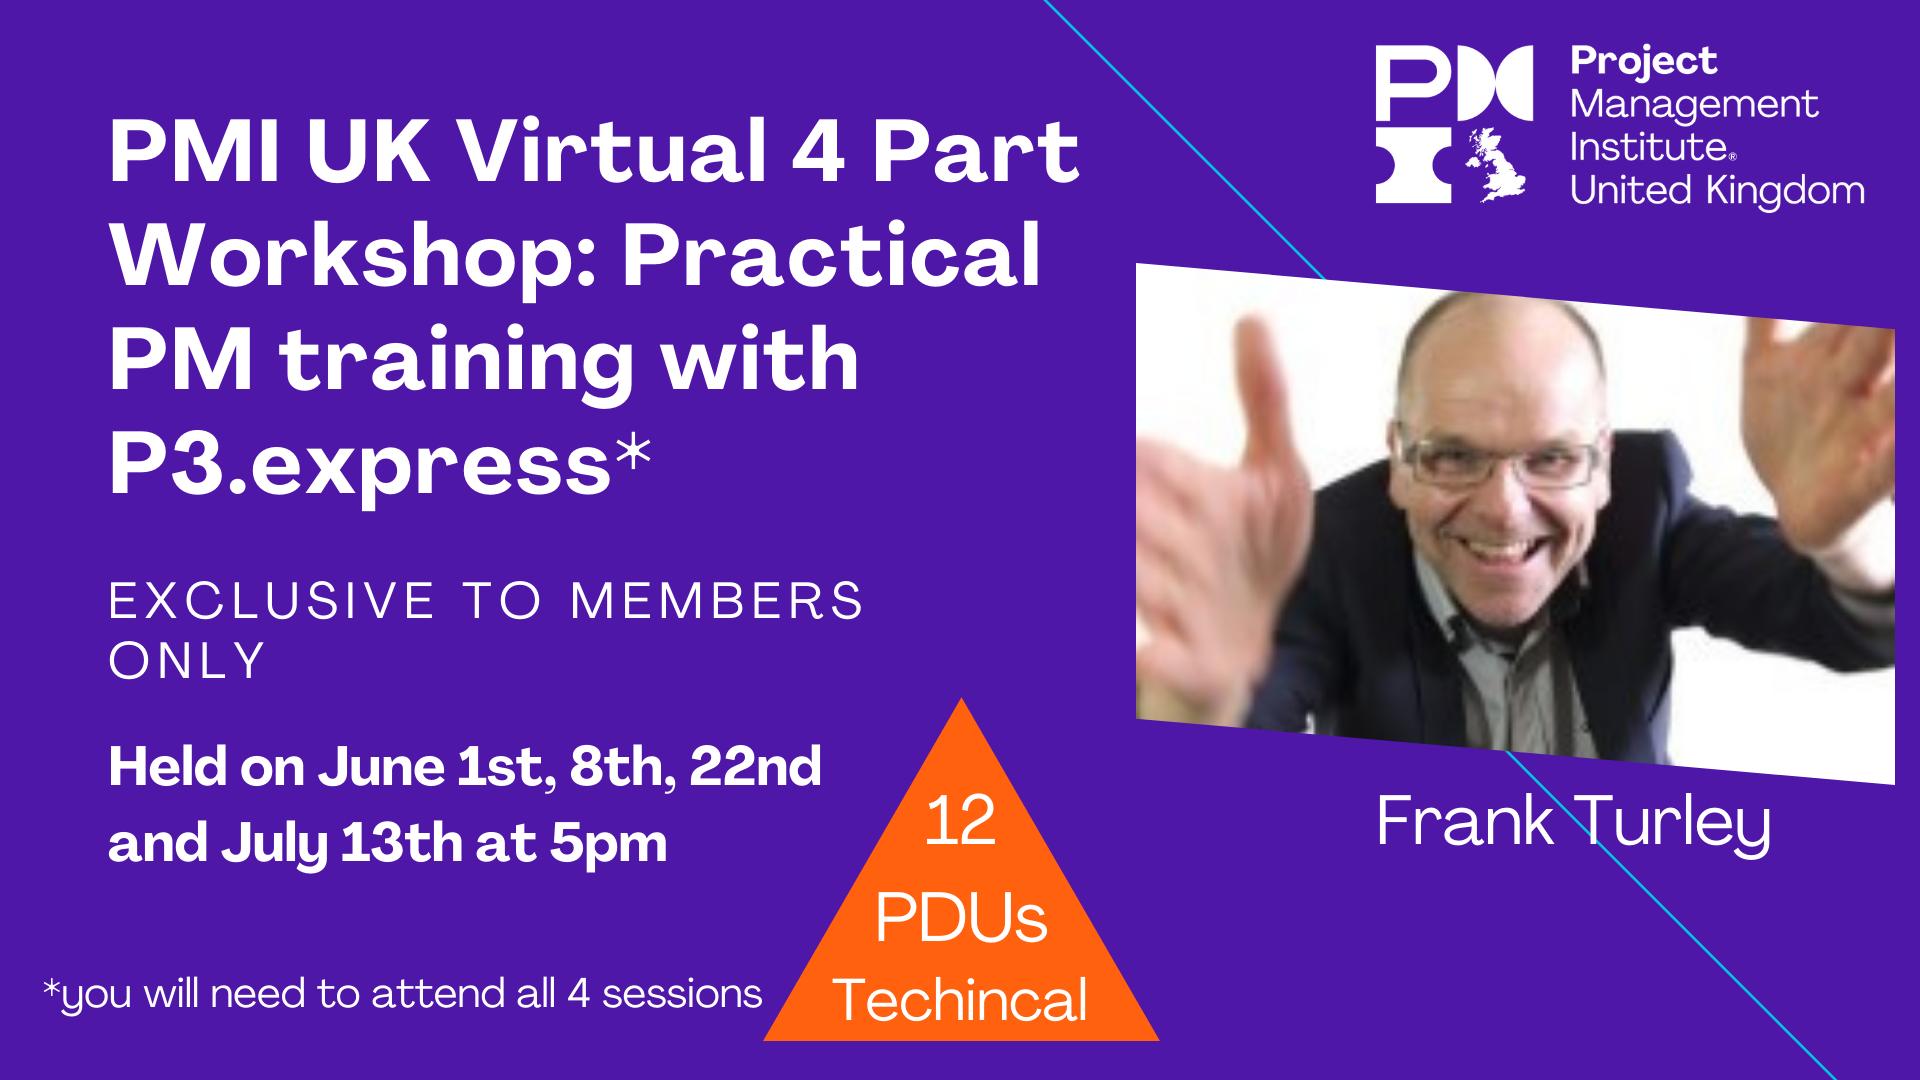 Frank Turley workshops